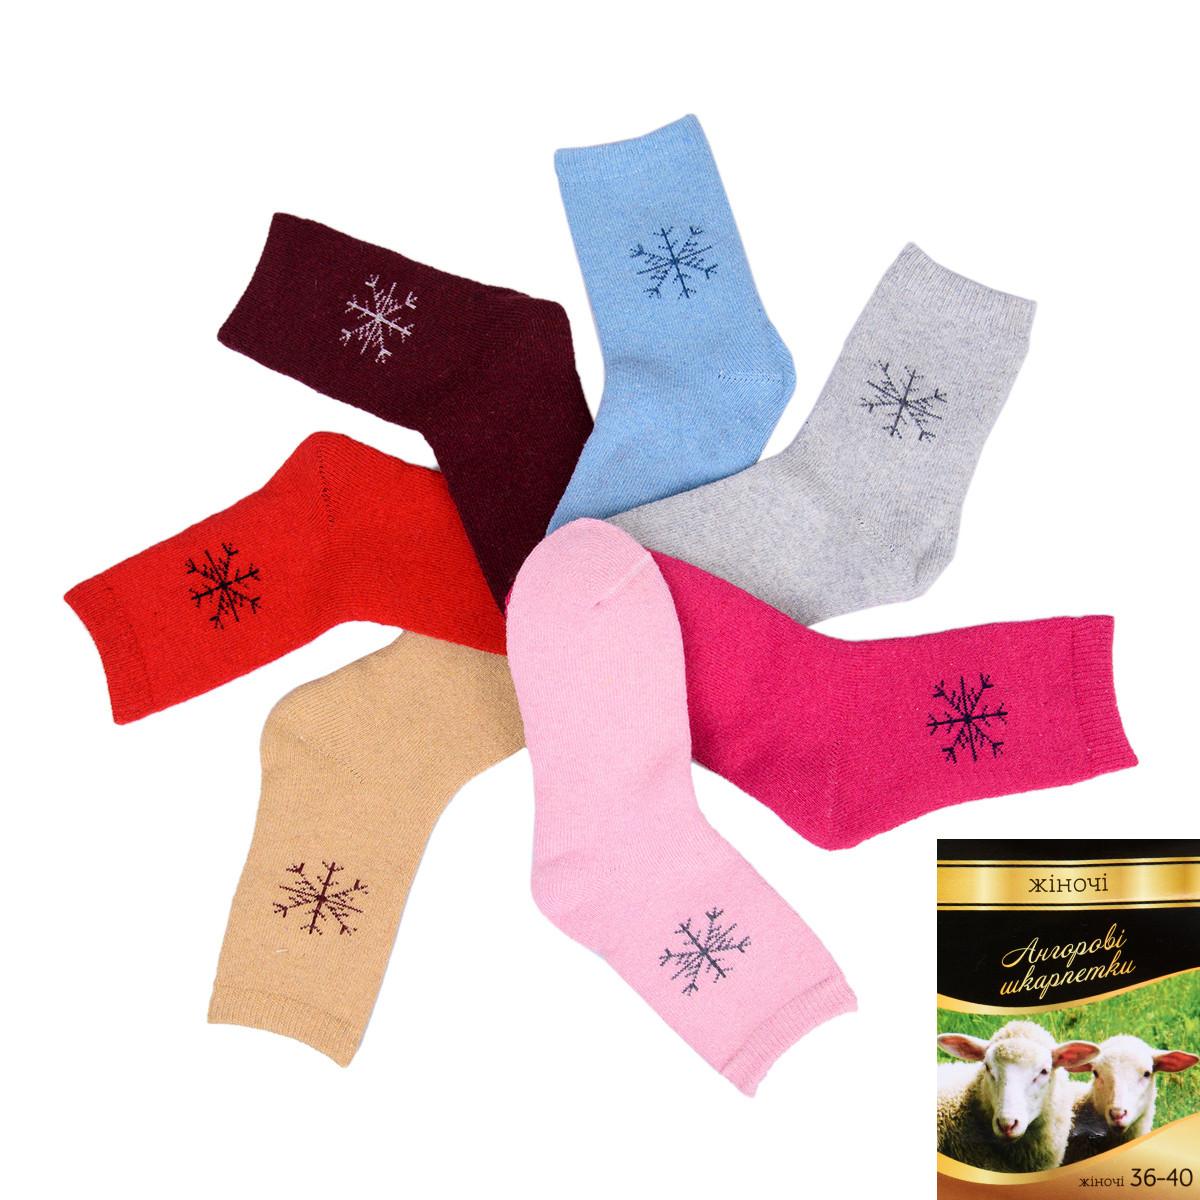 Ангоровые носки женские махровые Житомир TLK-027w